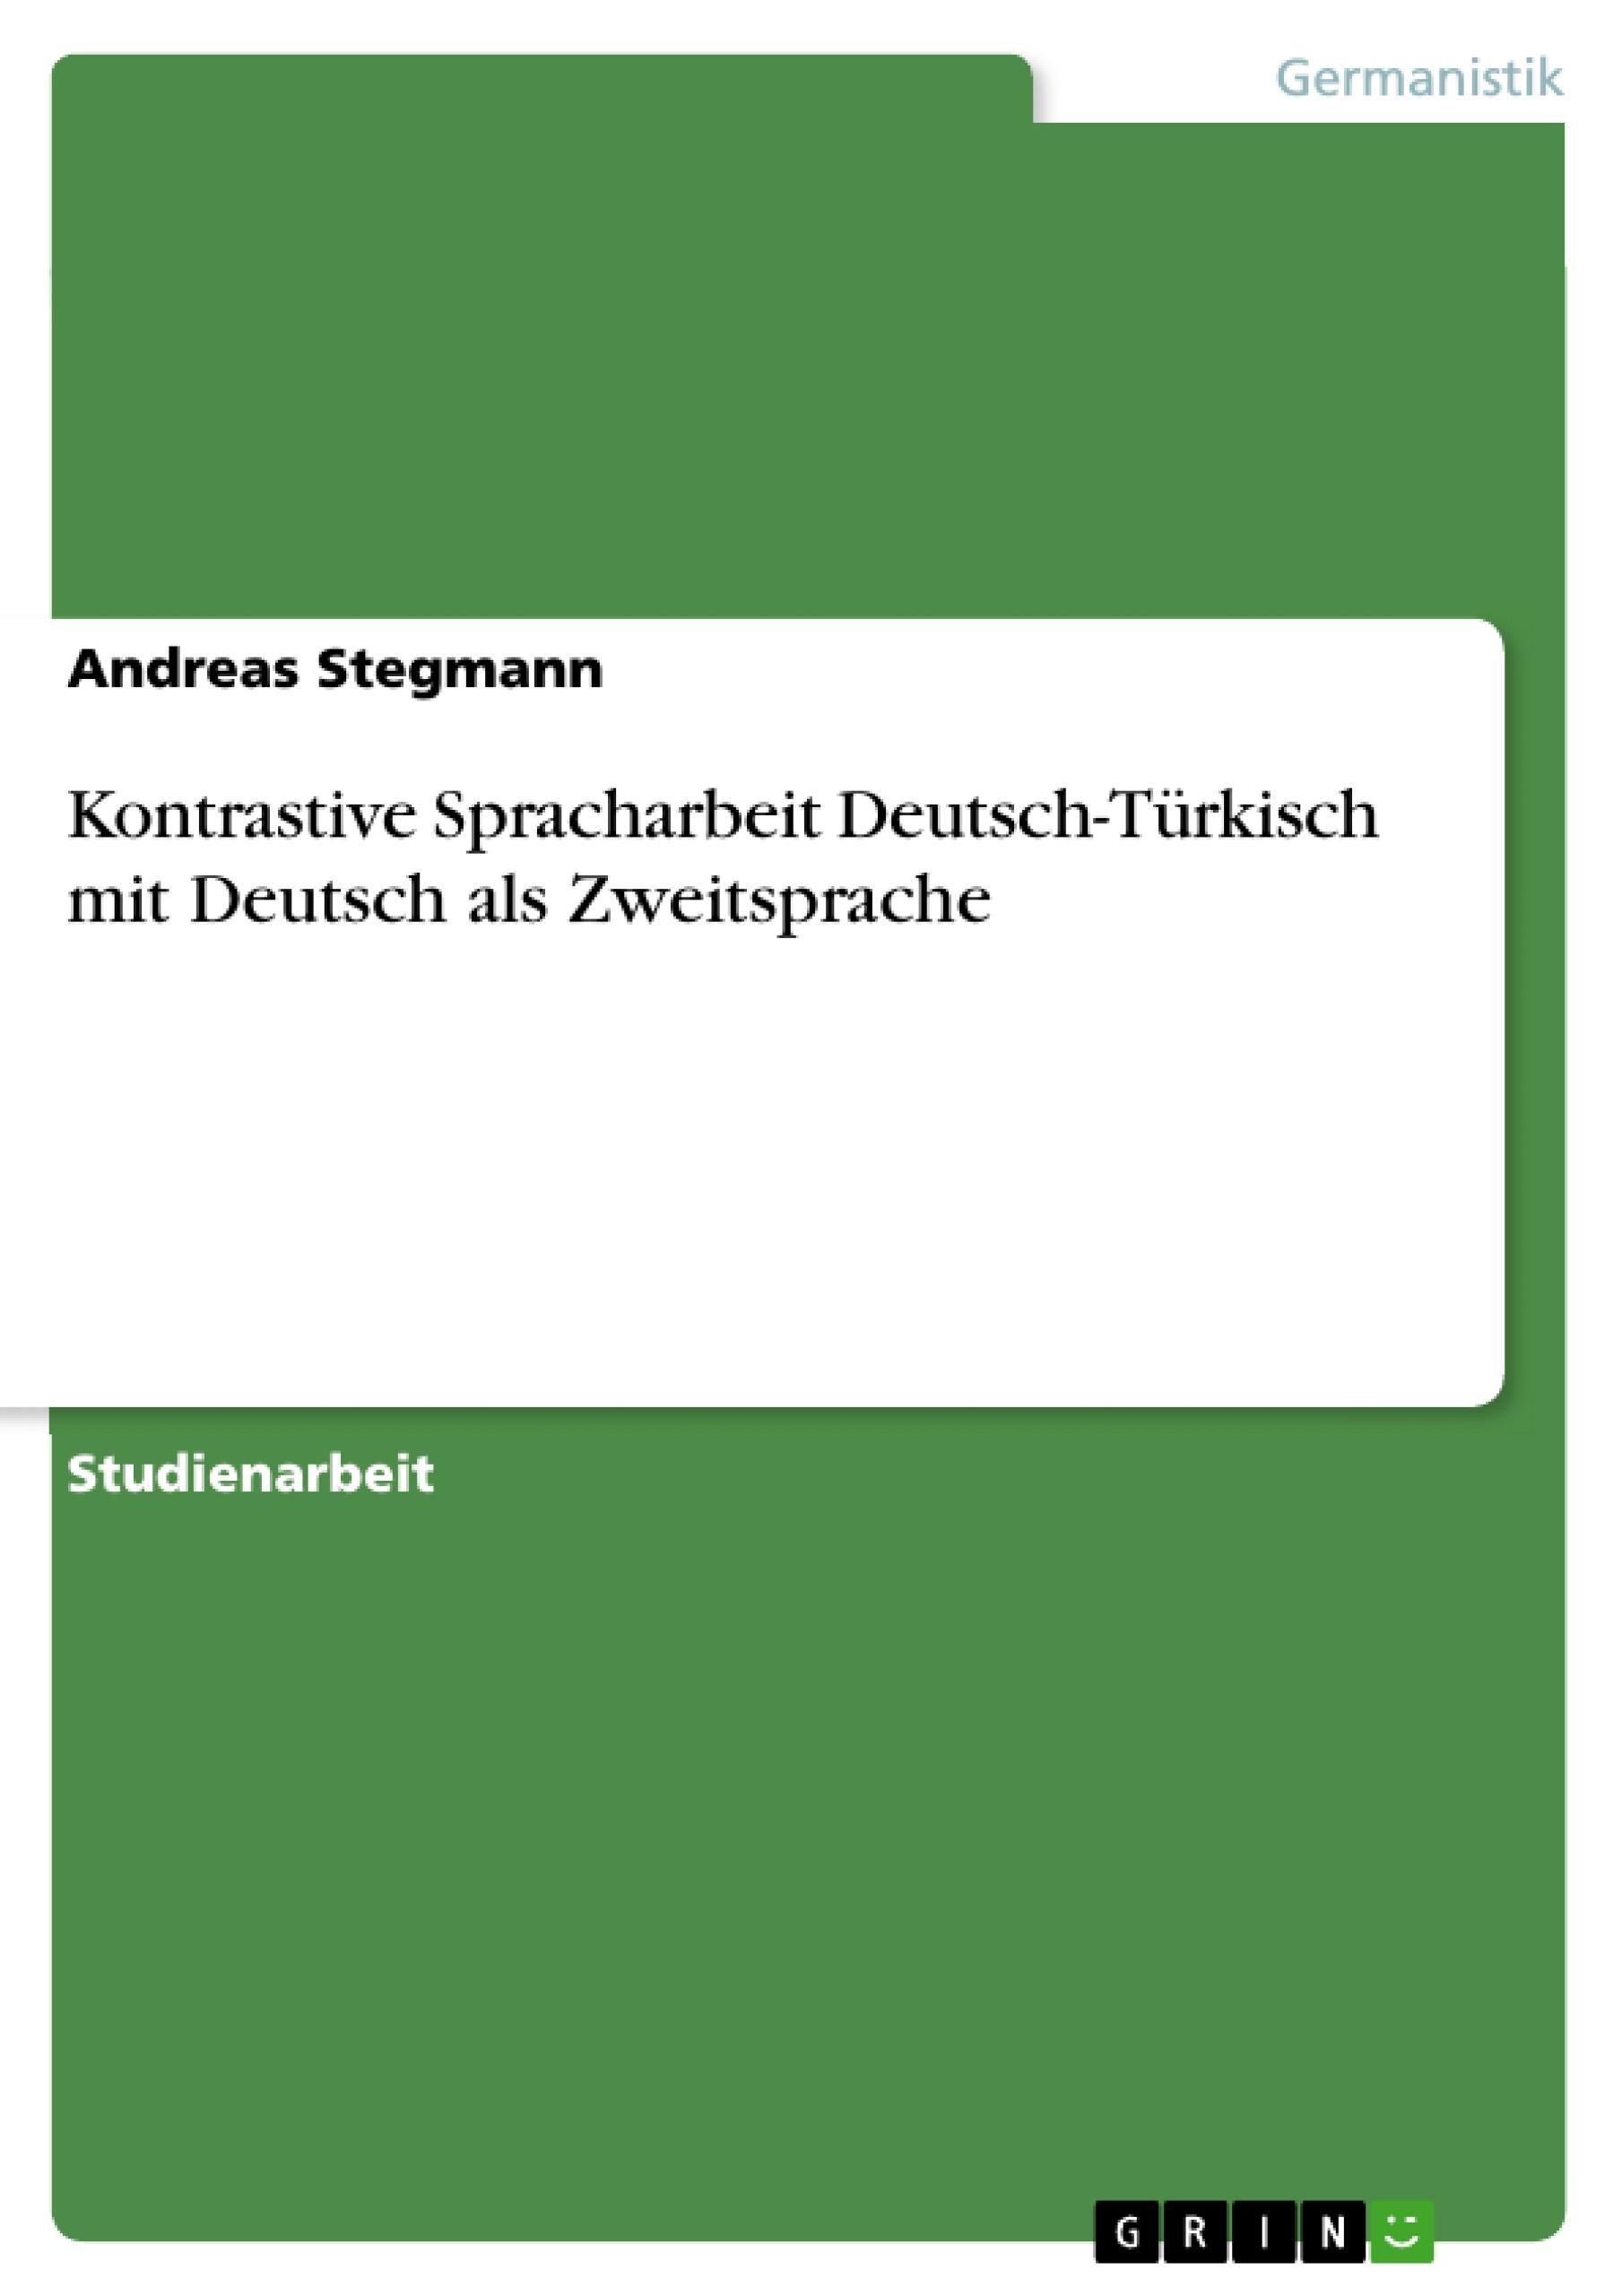 Titel: Kontrastive Spracharbeit Deutsch-Türkisch mit Deutsch als Zweitsprache